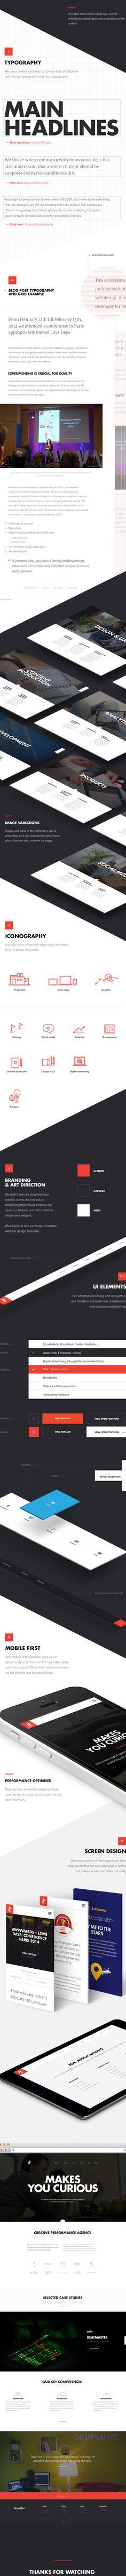 Degordian - Agency Website by Degordian, via Behance